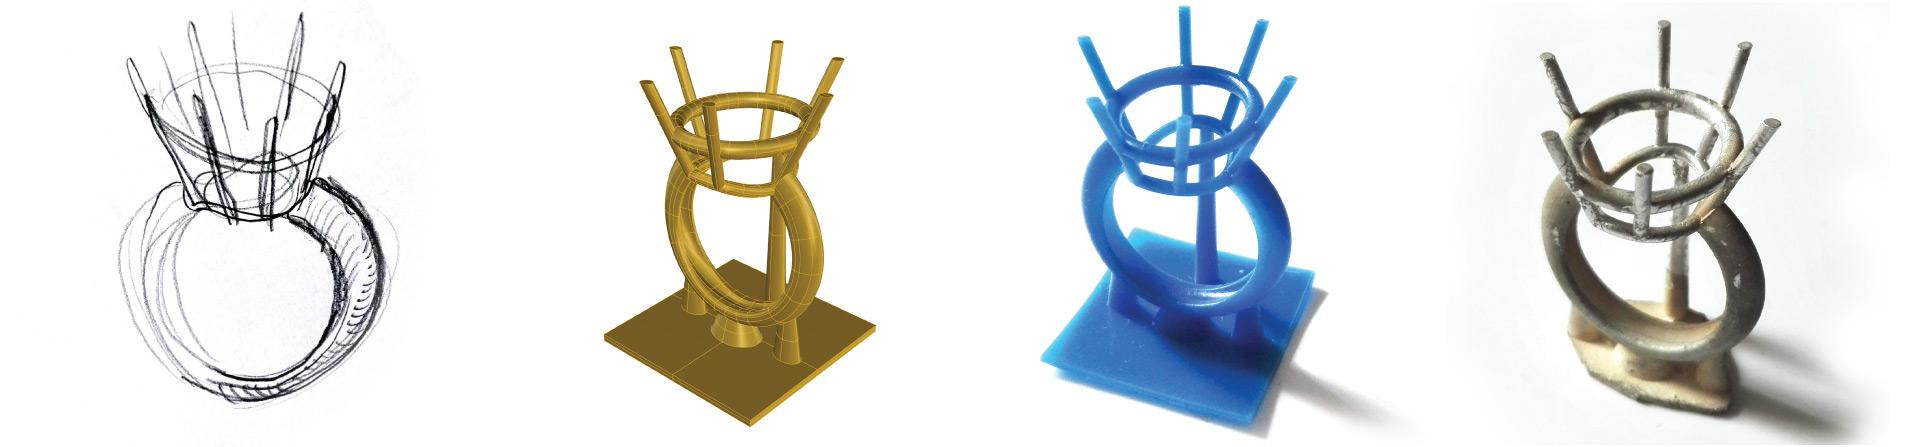 Corso base di jewelry design corso di stampa 3d per for Design di gioielli